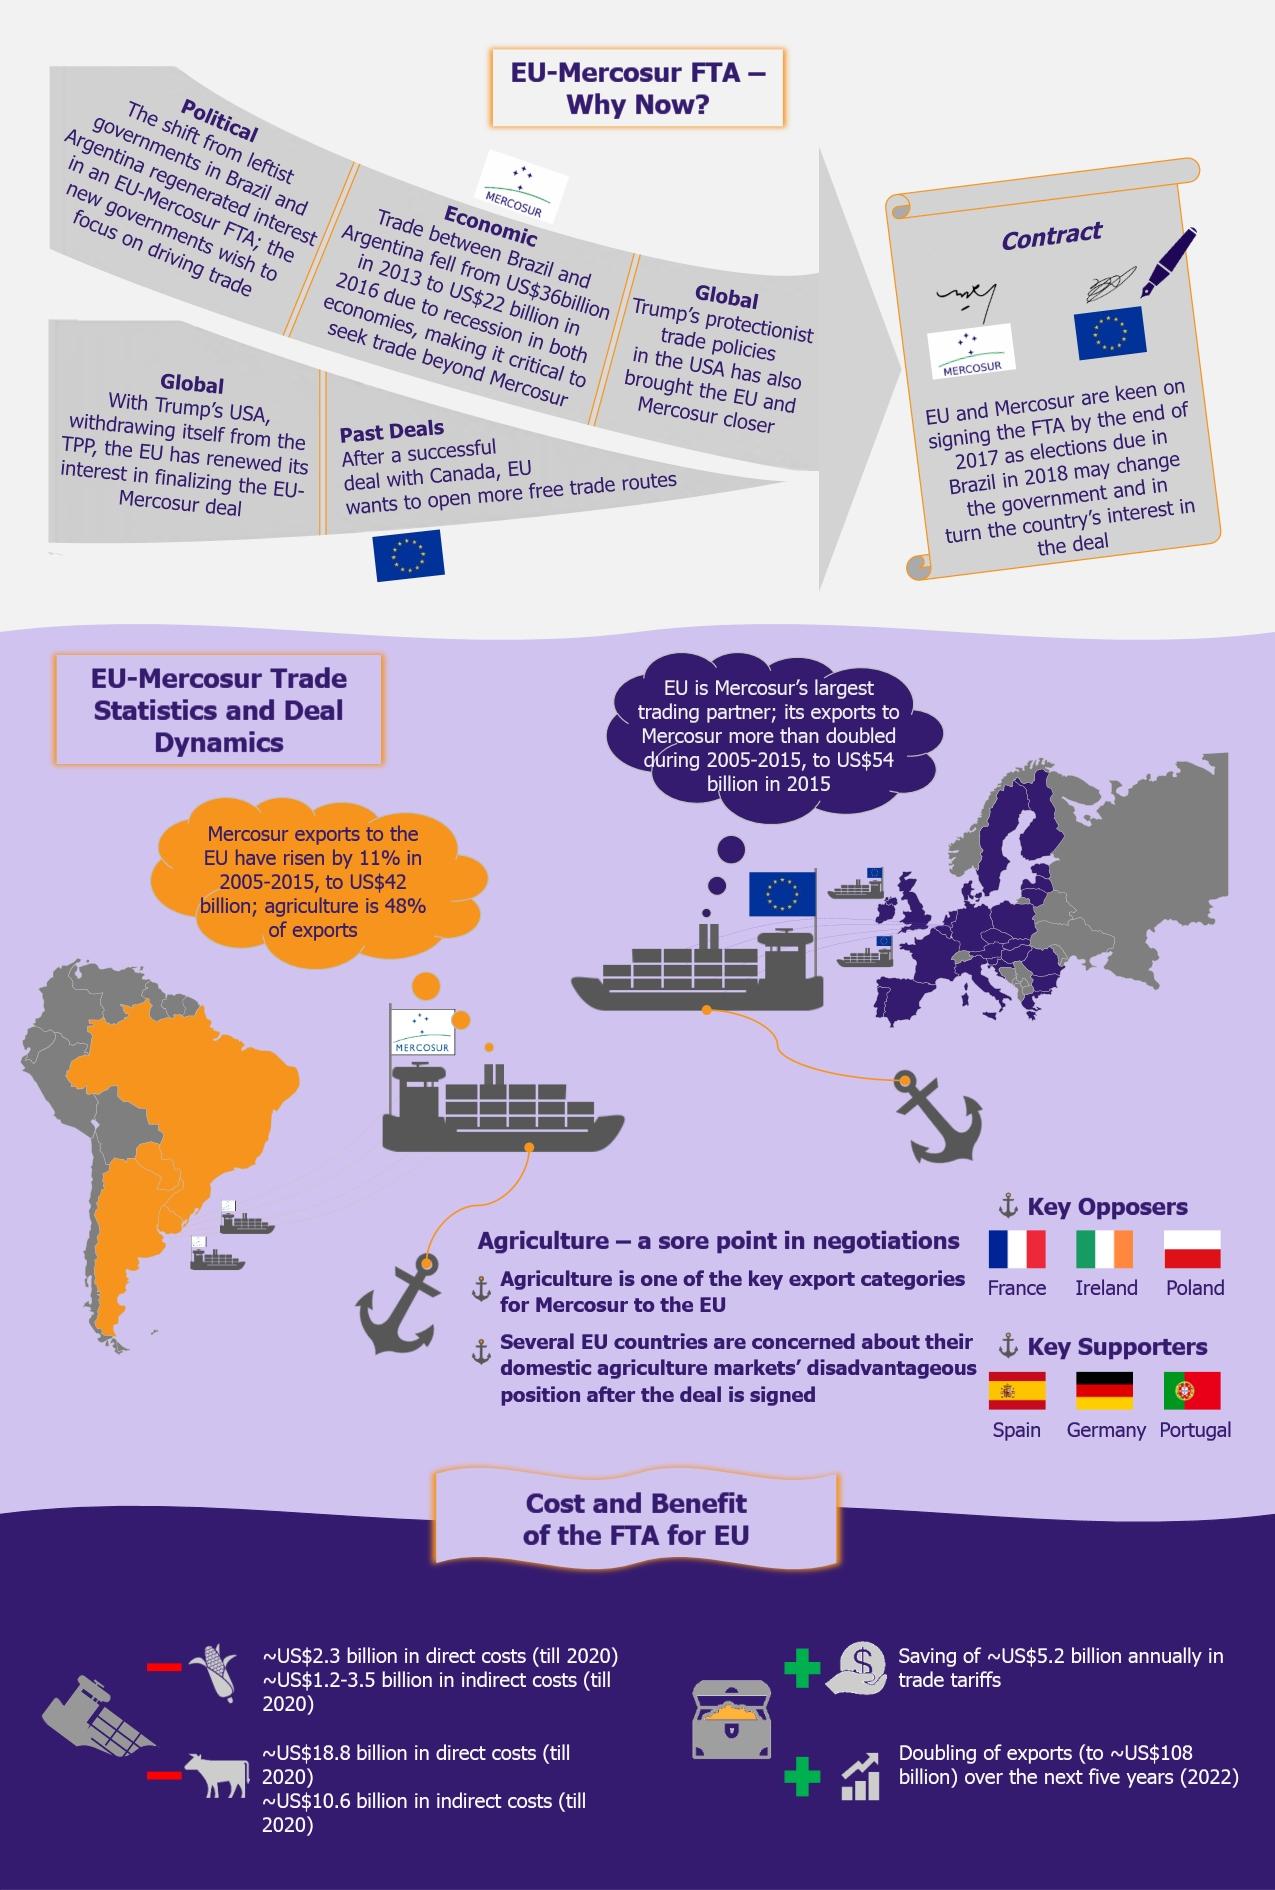 EU Mercosur FTA Old Negotiations New Zest